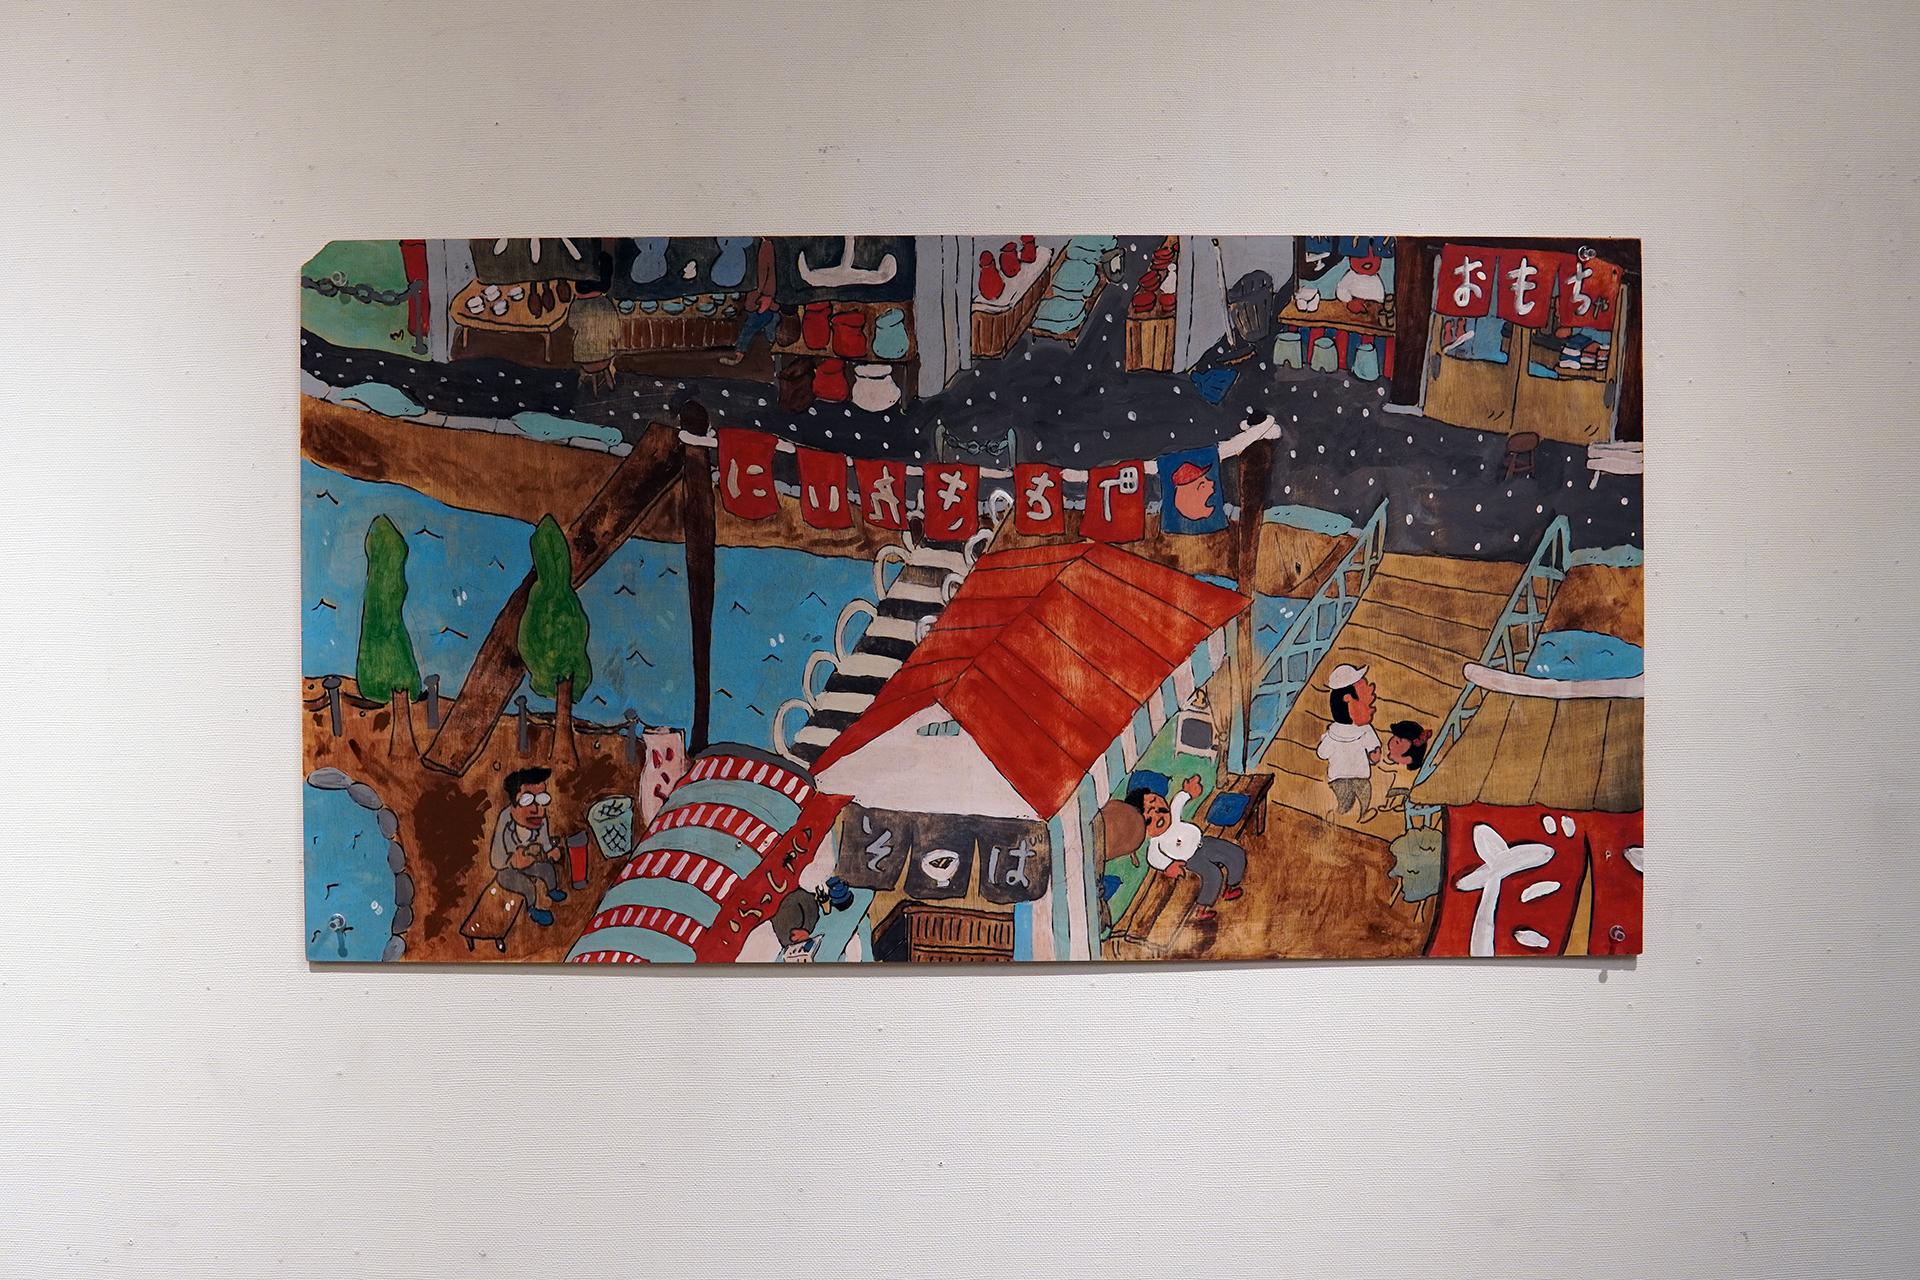 ベニヤ絵|タブロー『駄菓子屋と橋がある町』